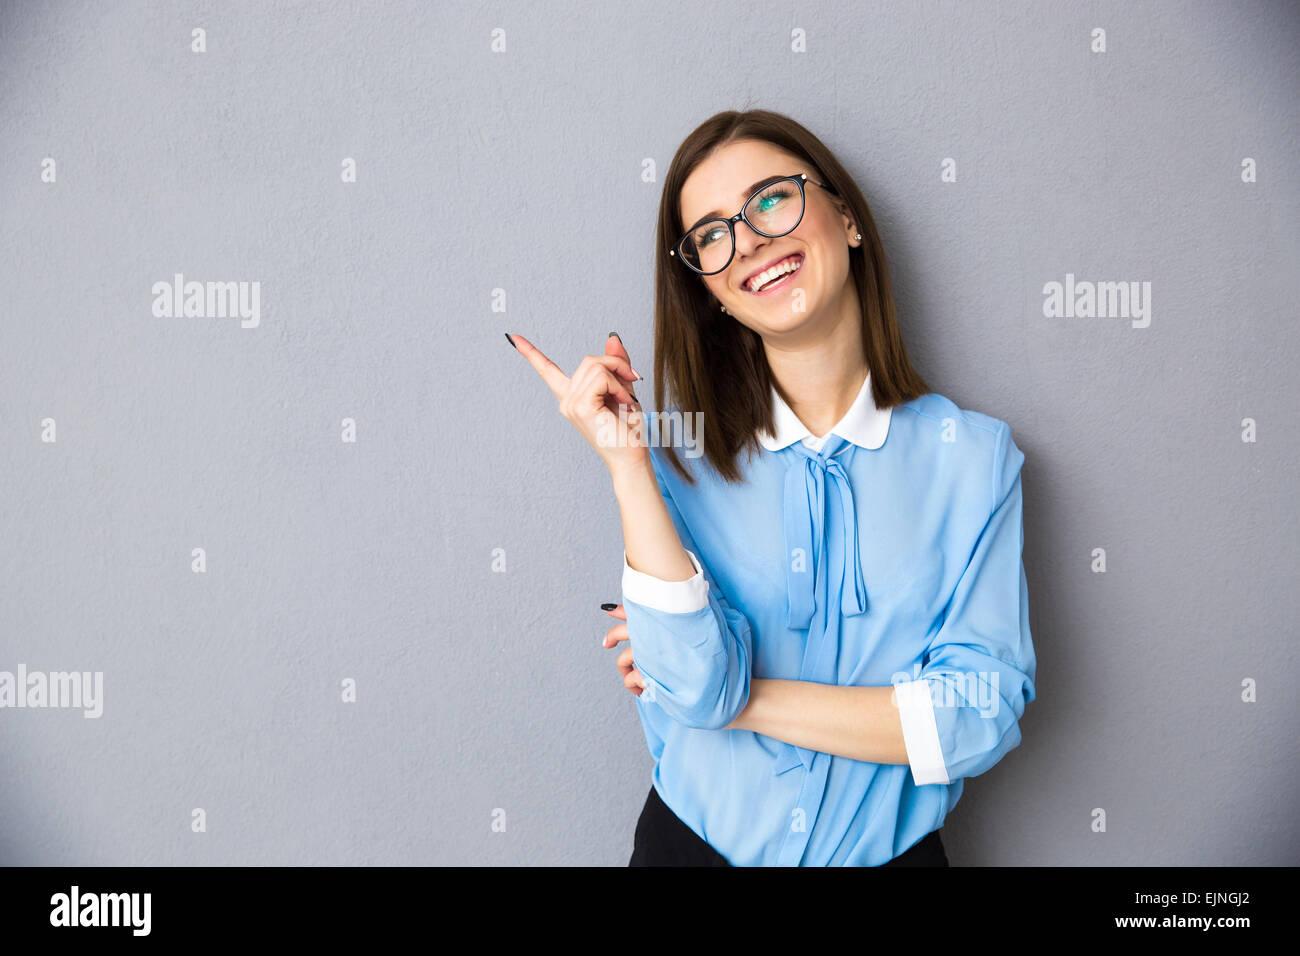 Allegro imprenditrice rivolto lontano su sfondo grigio. Indossare in maglietta blu e bicchieri. Guardando lontano Immagini Stock